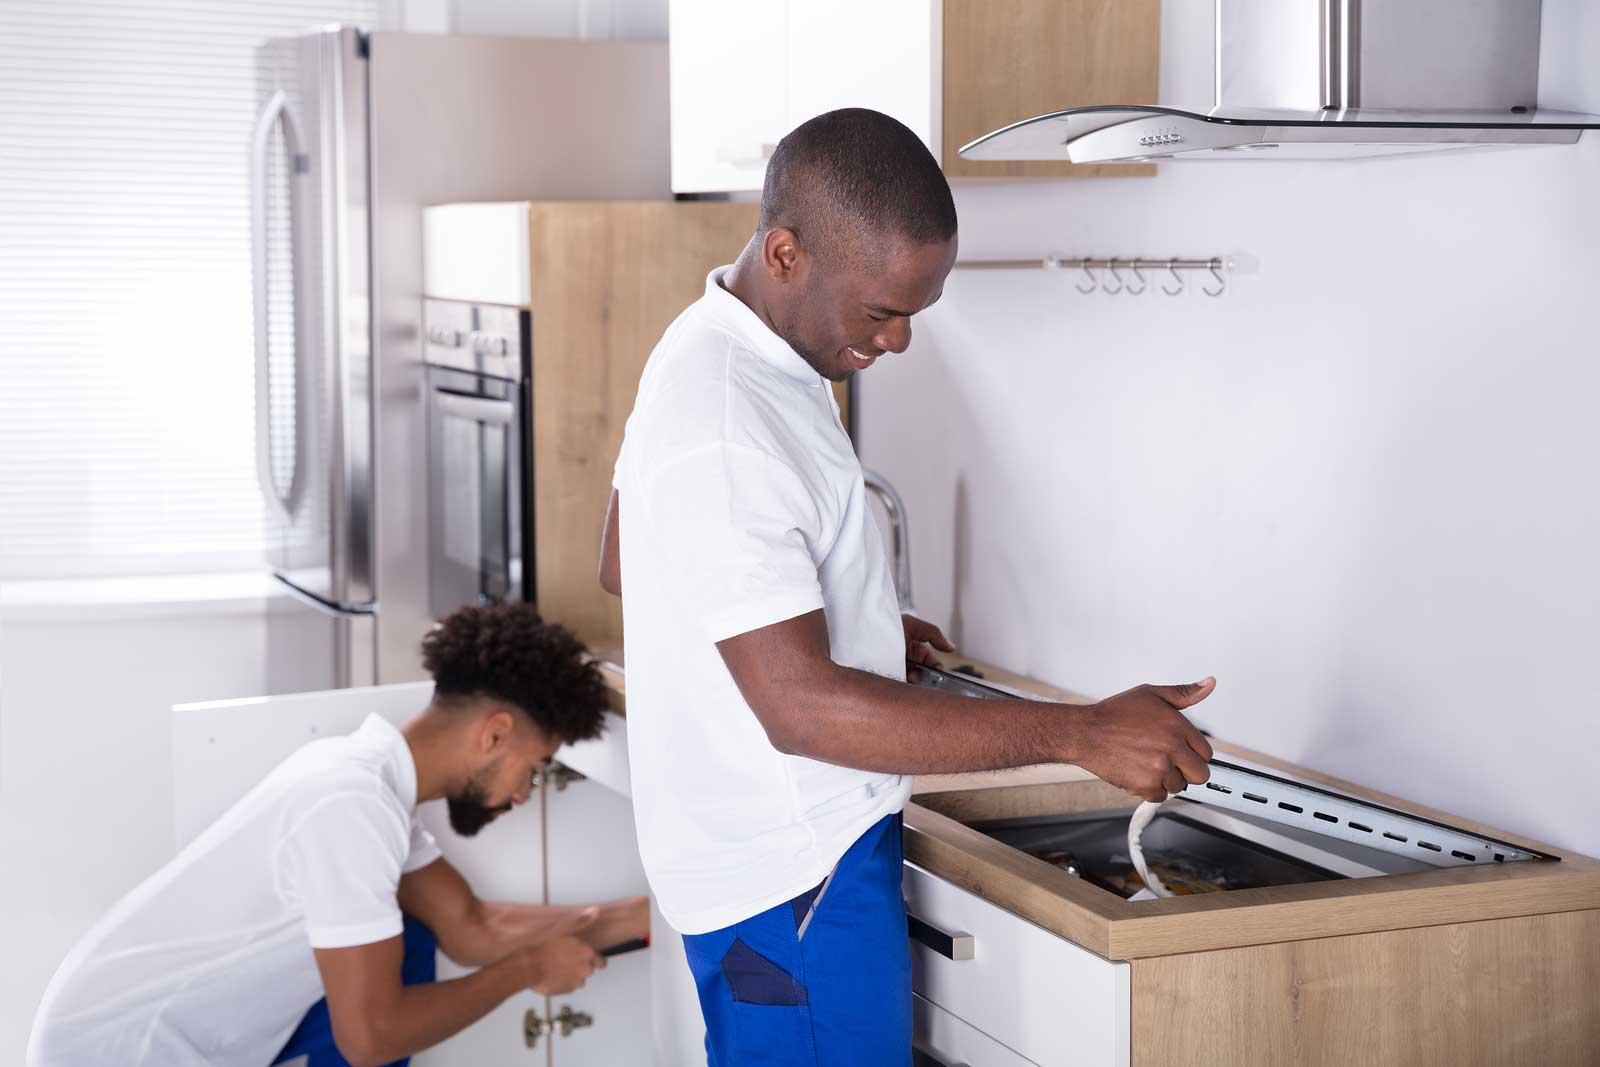 Dos hombres preparan una cocina y un horno para moverla al almacenamiento